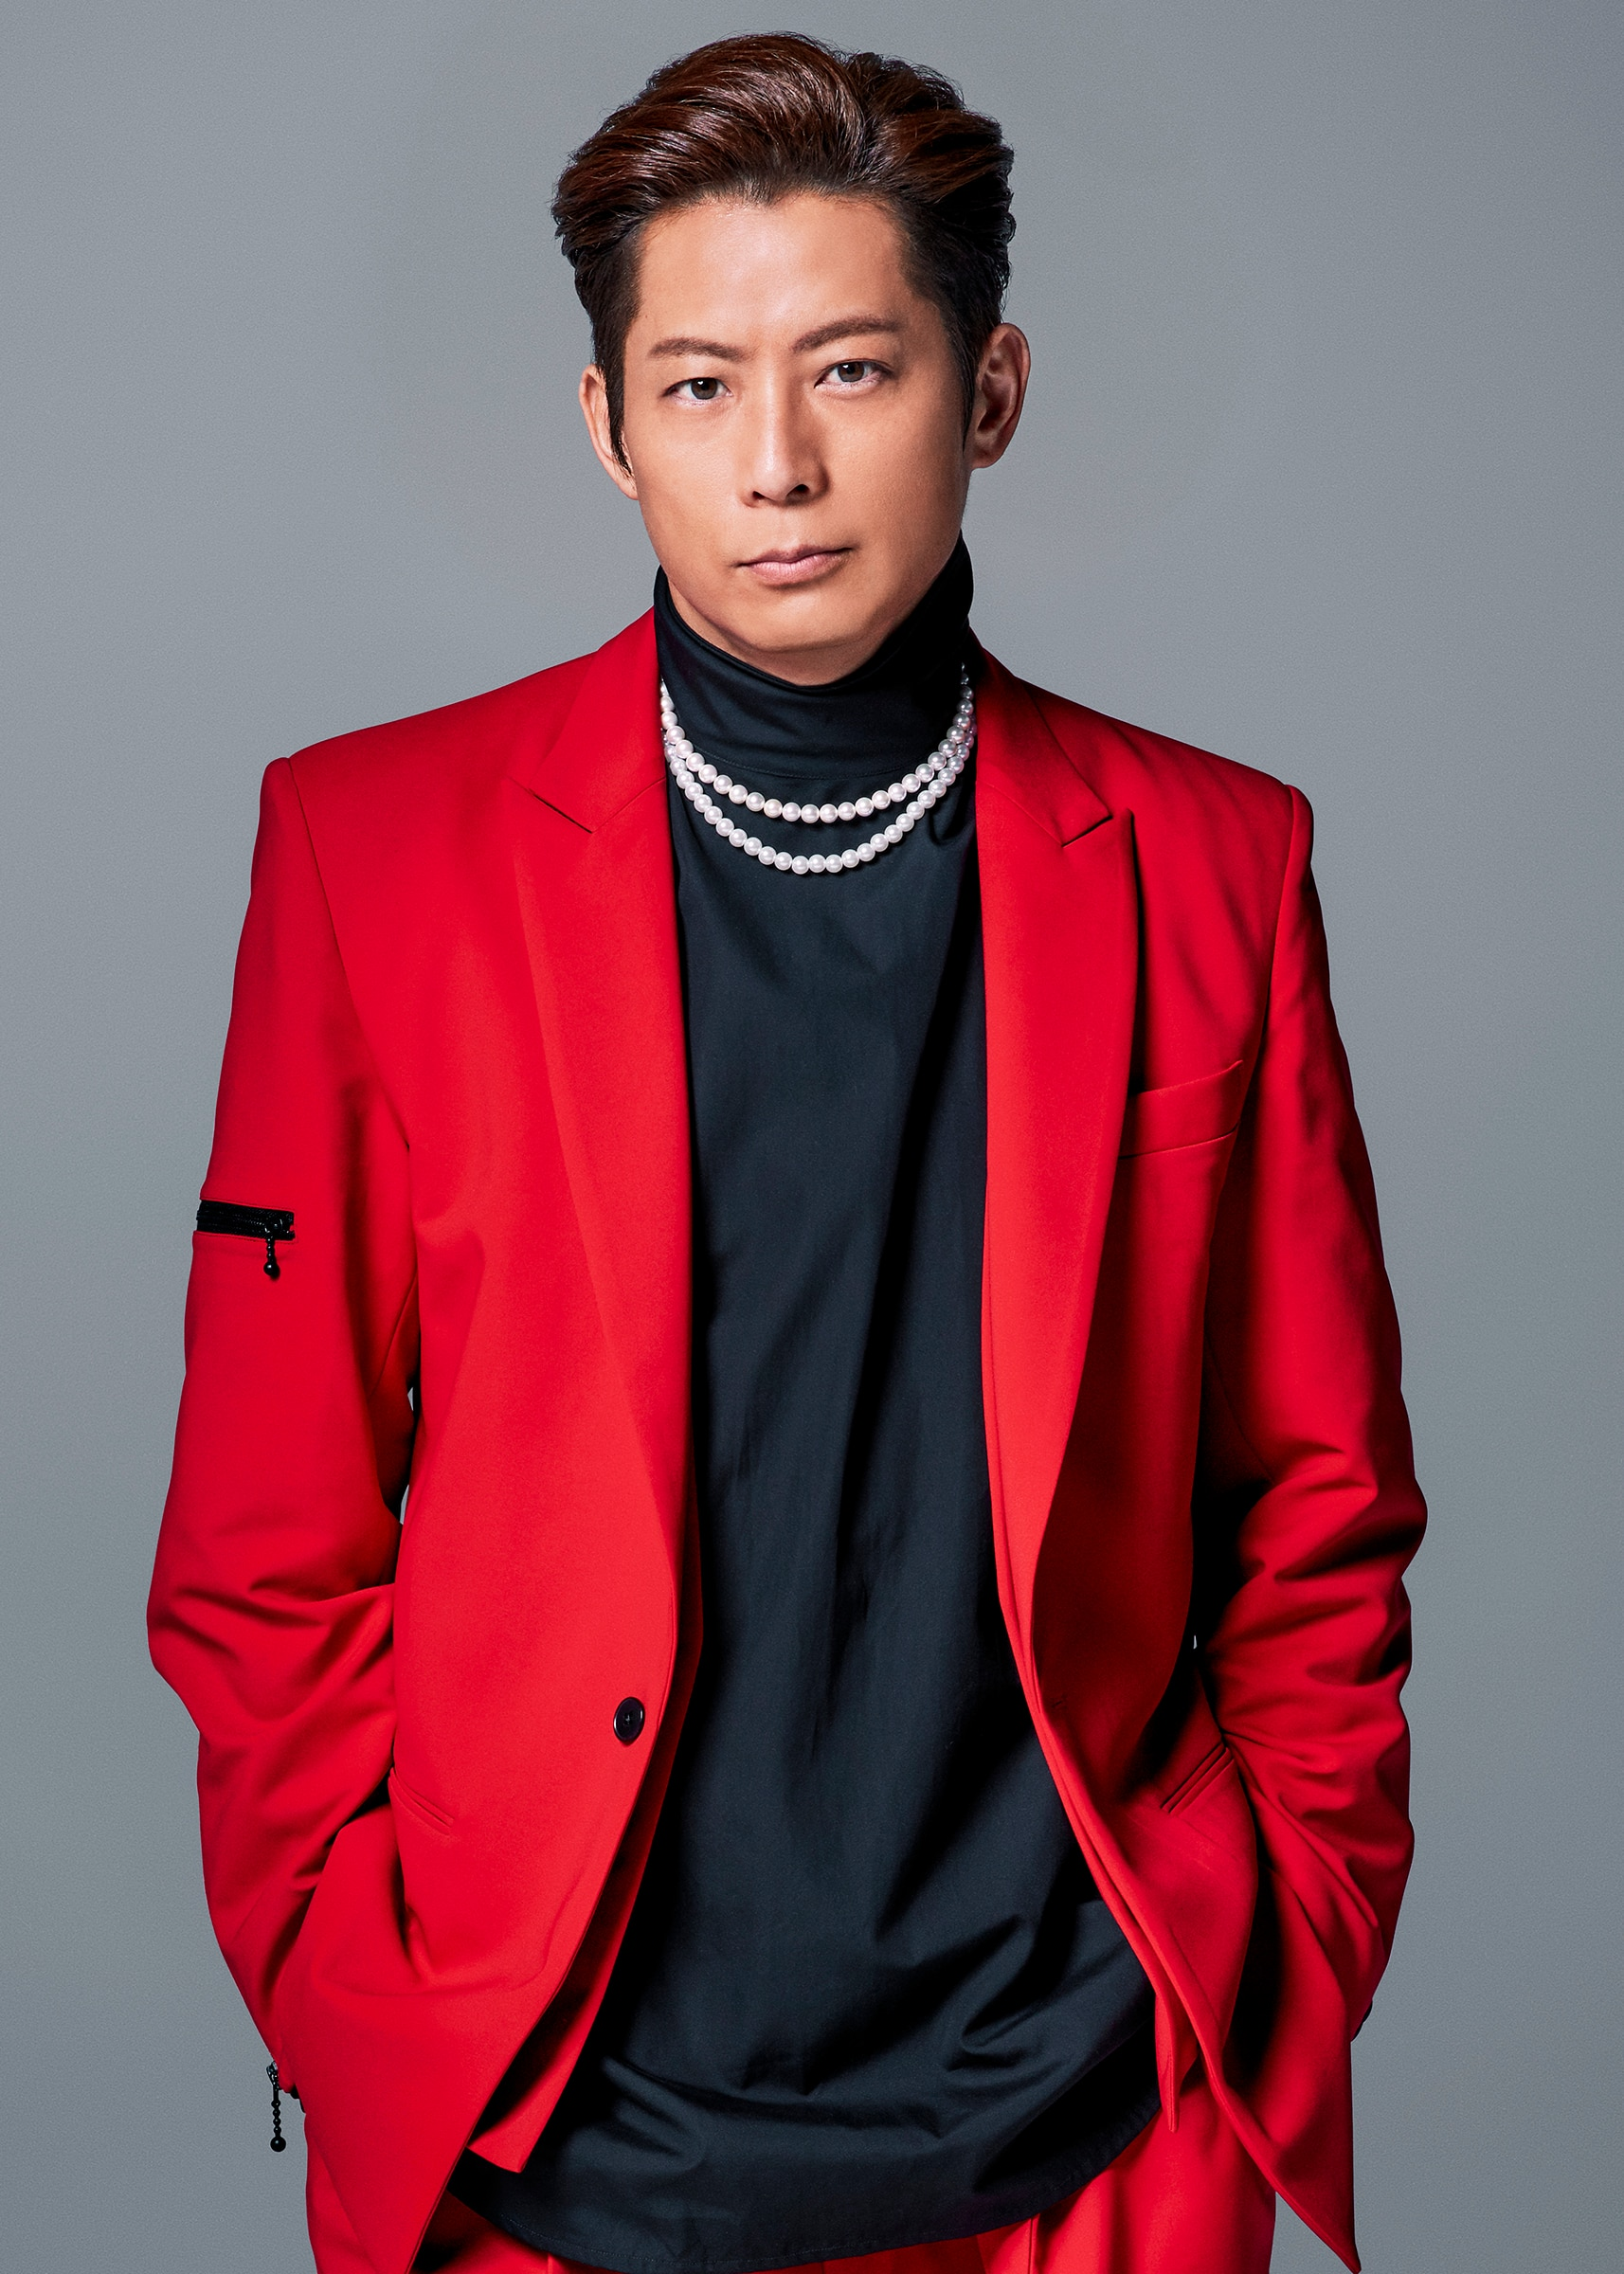 Kuroki Keiji